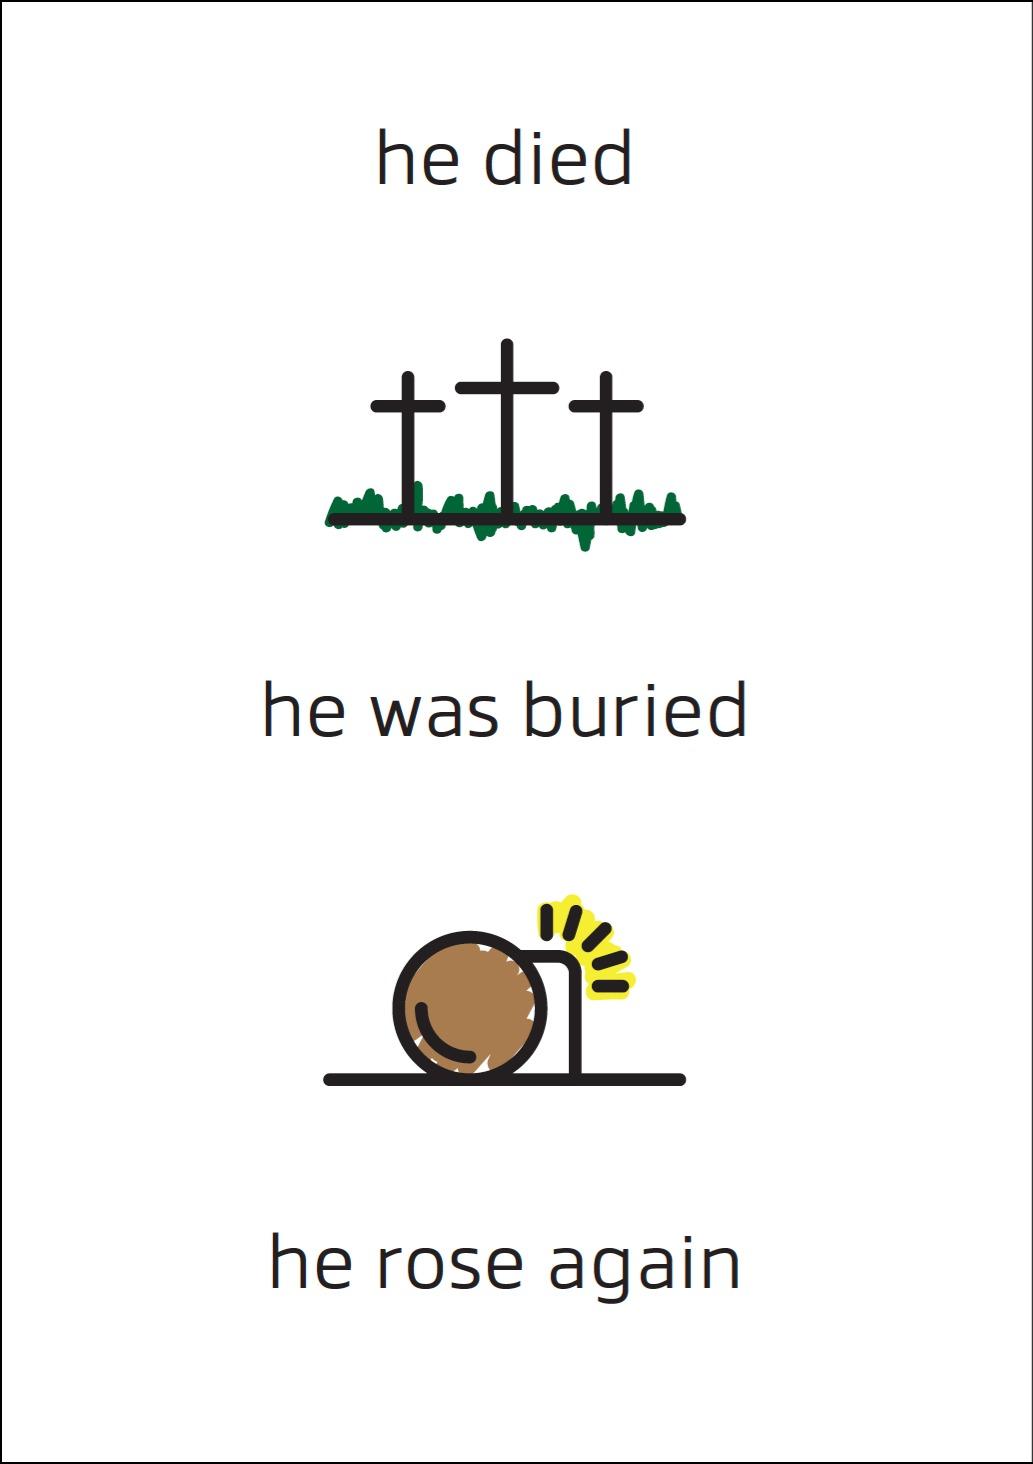 #7 Minimal Easter